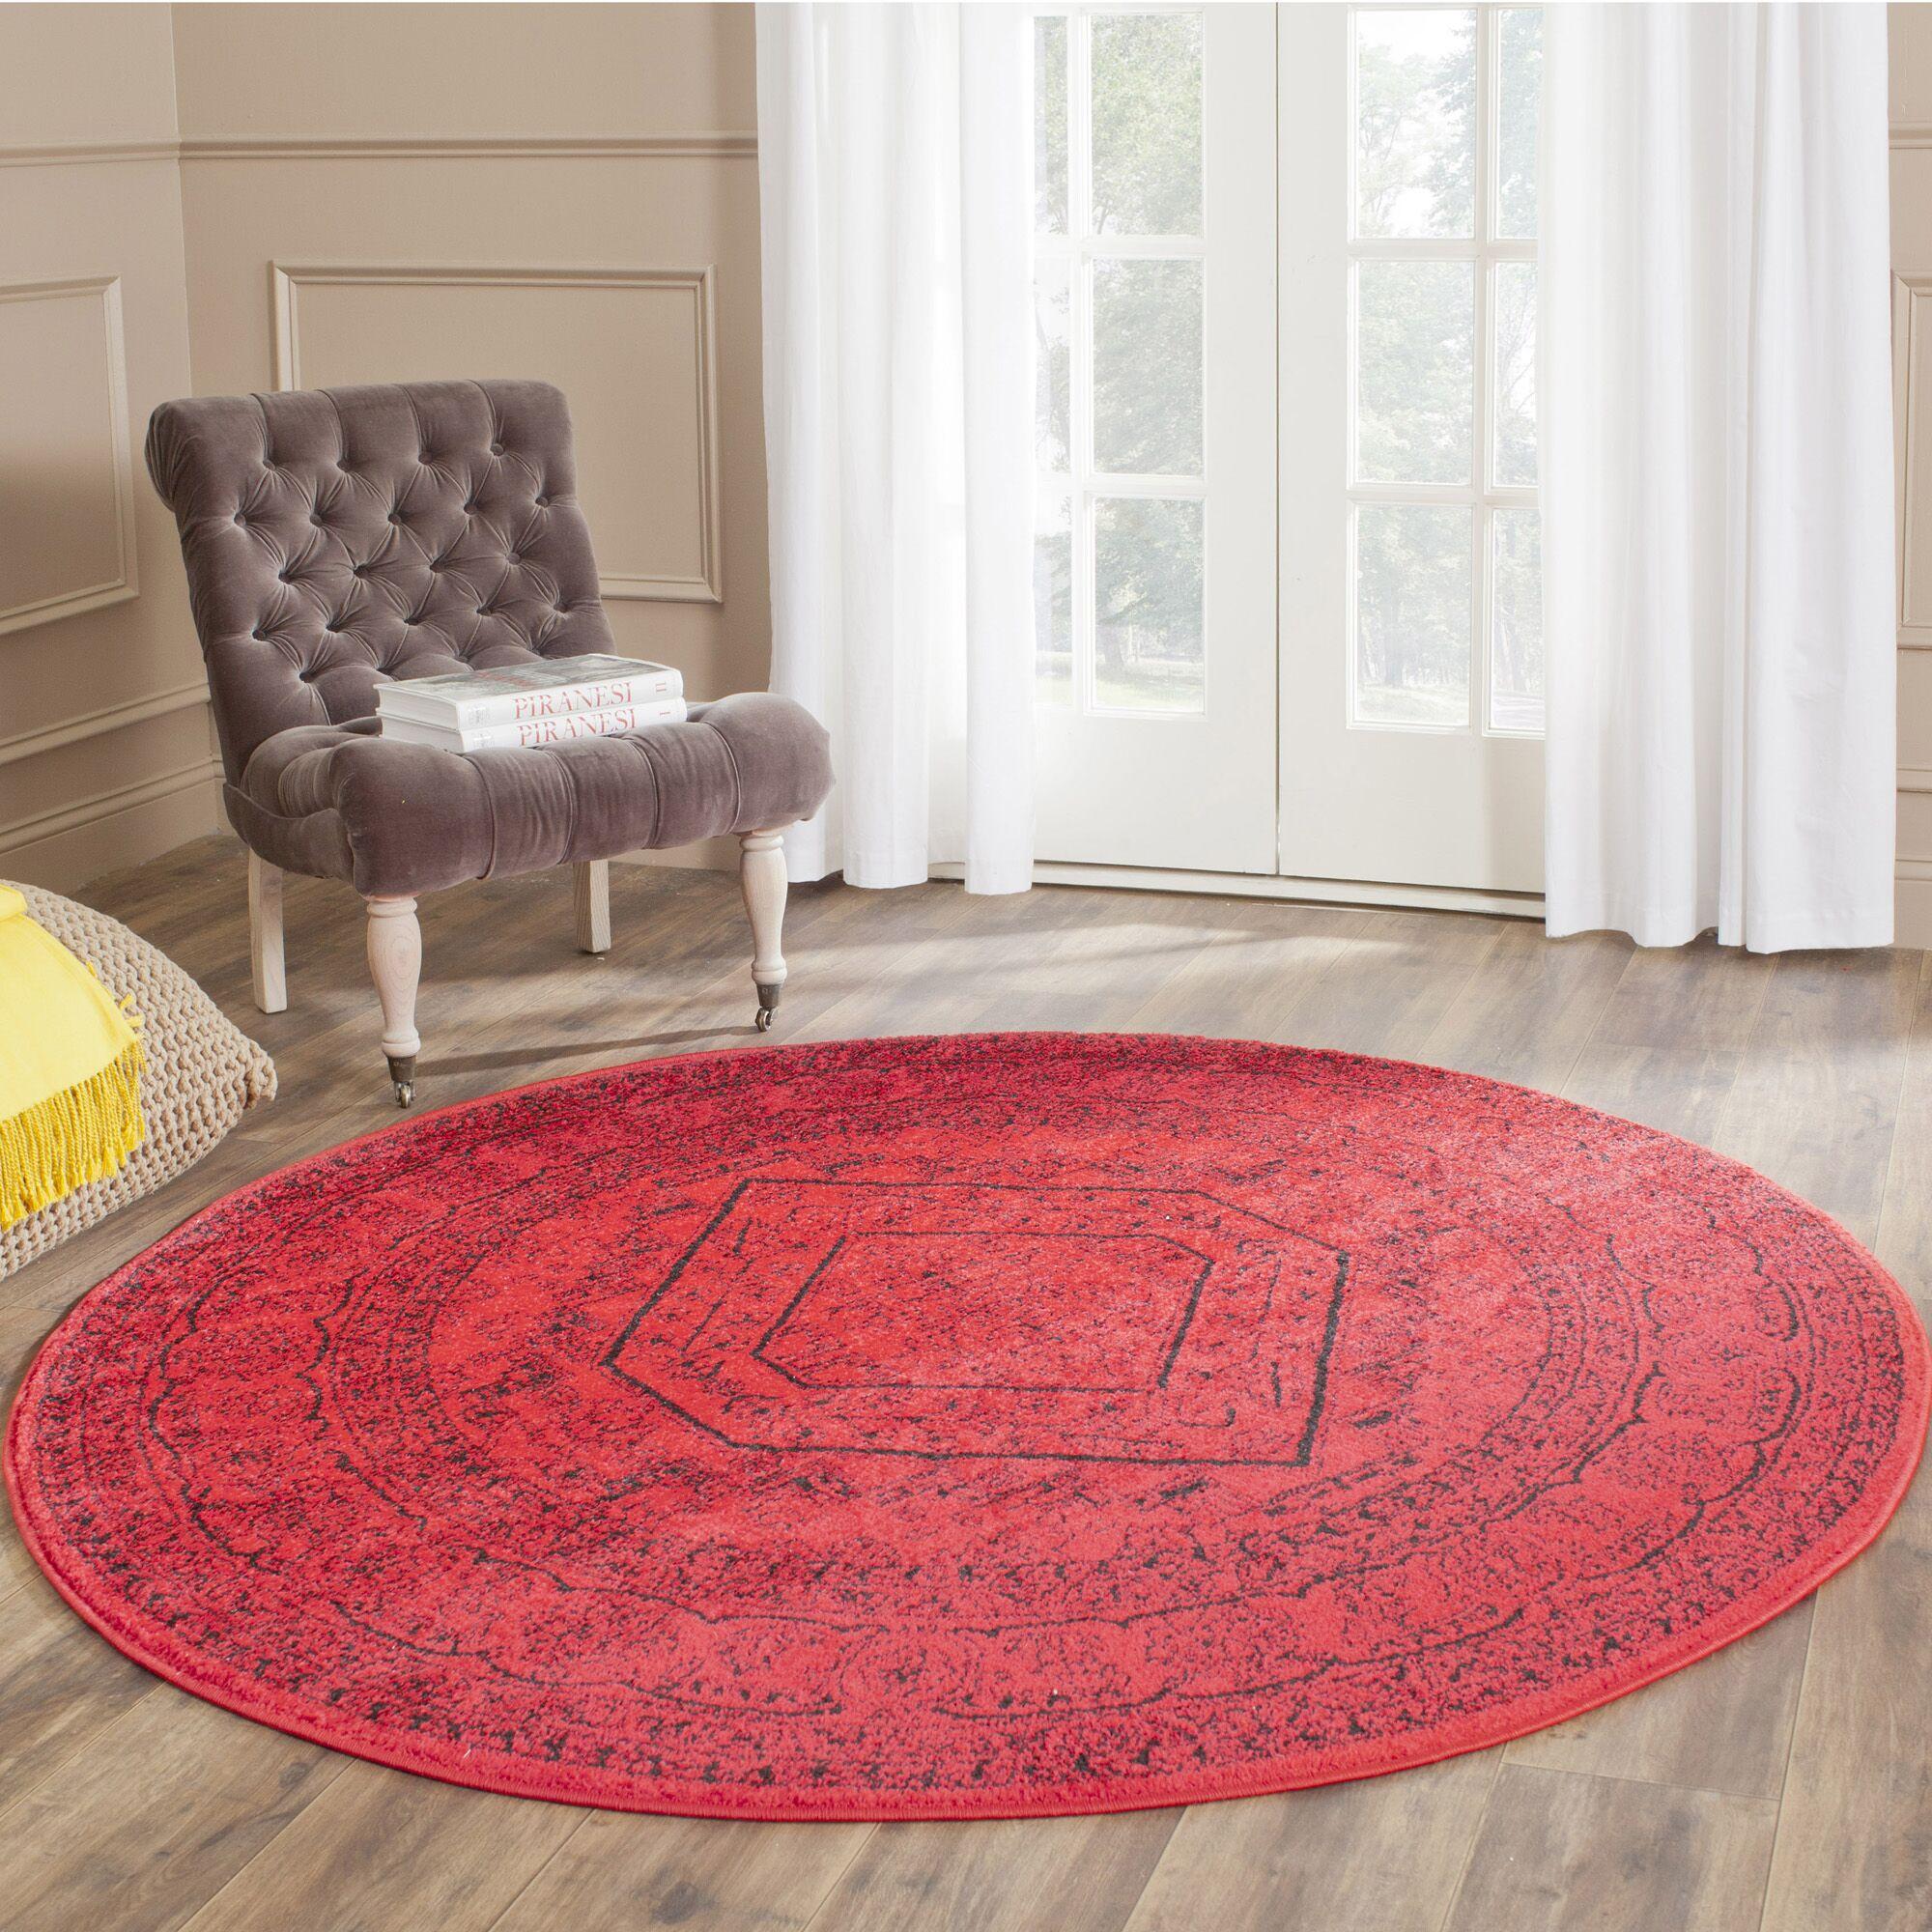 Ebenezer Red/Black Area Rug Rug Size: Round 6'